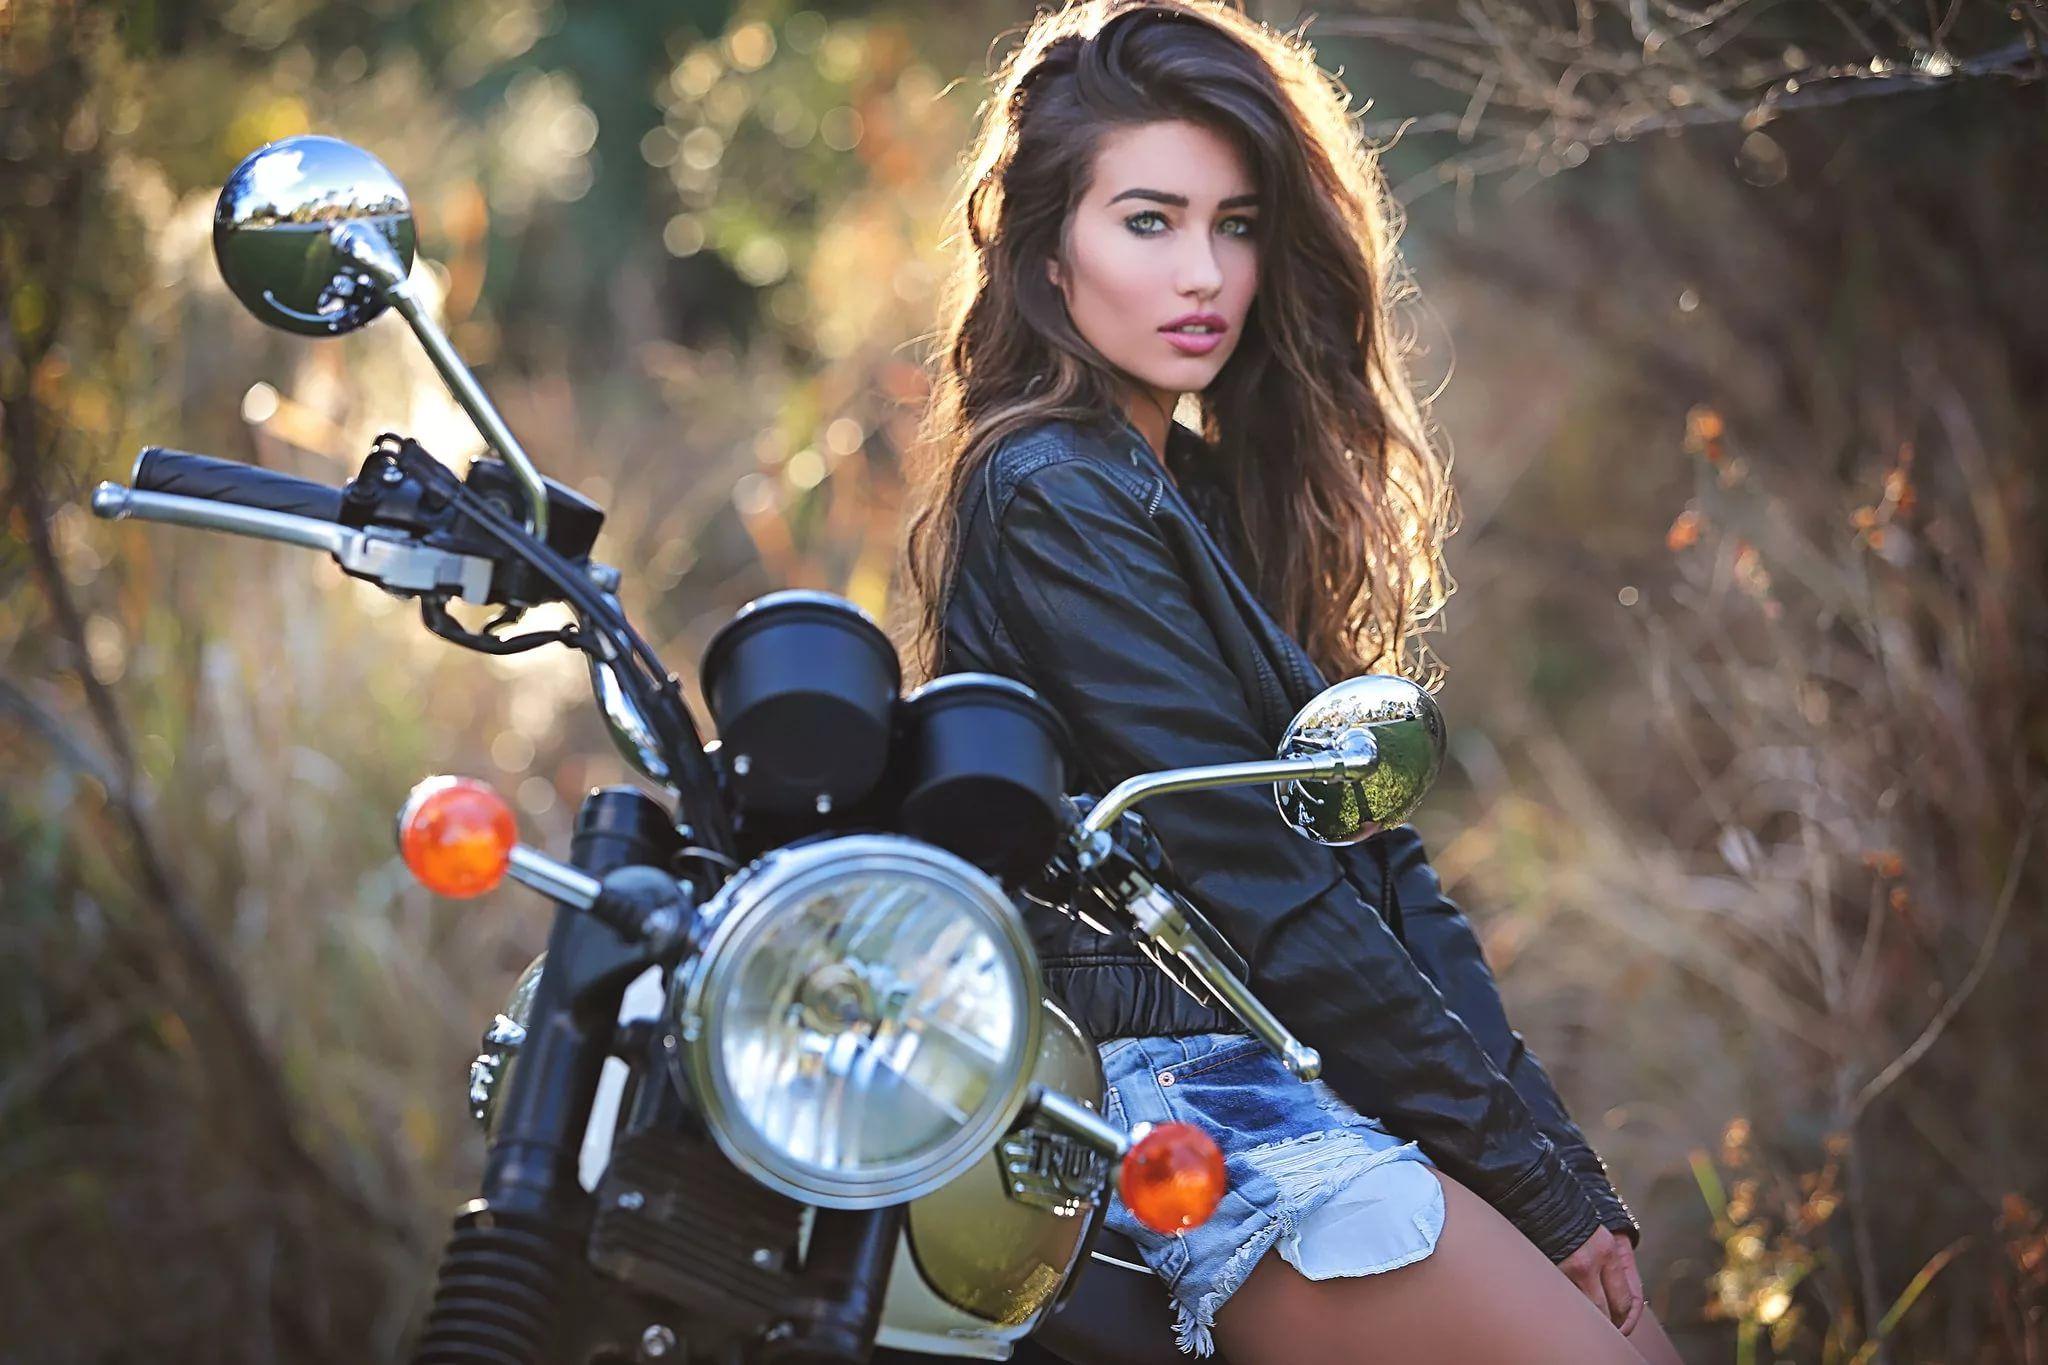 Образы для фотосессии на мотоциклах